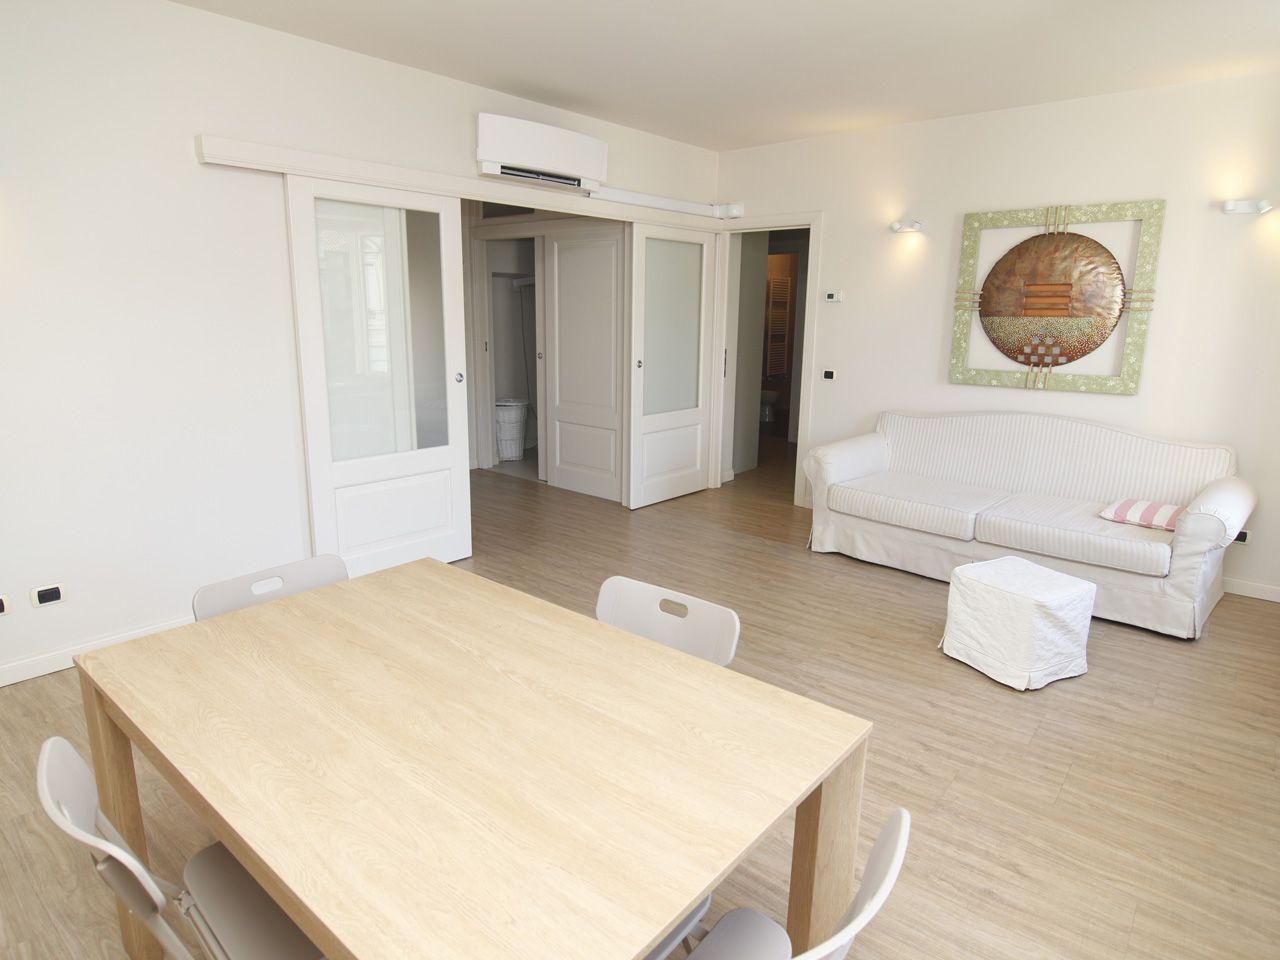 Apartment in center of Pallanza near the Apartment in center of Pallanza near the lake promenade